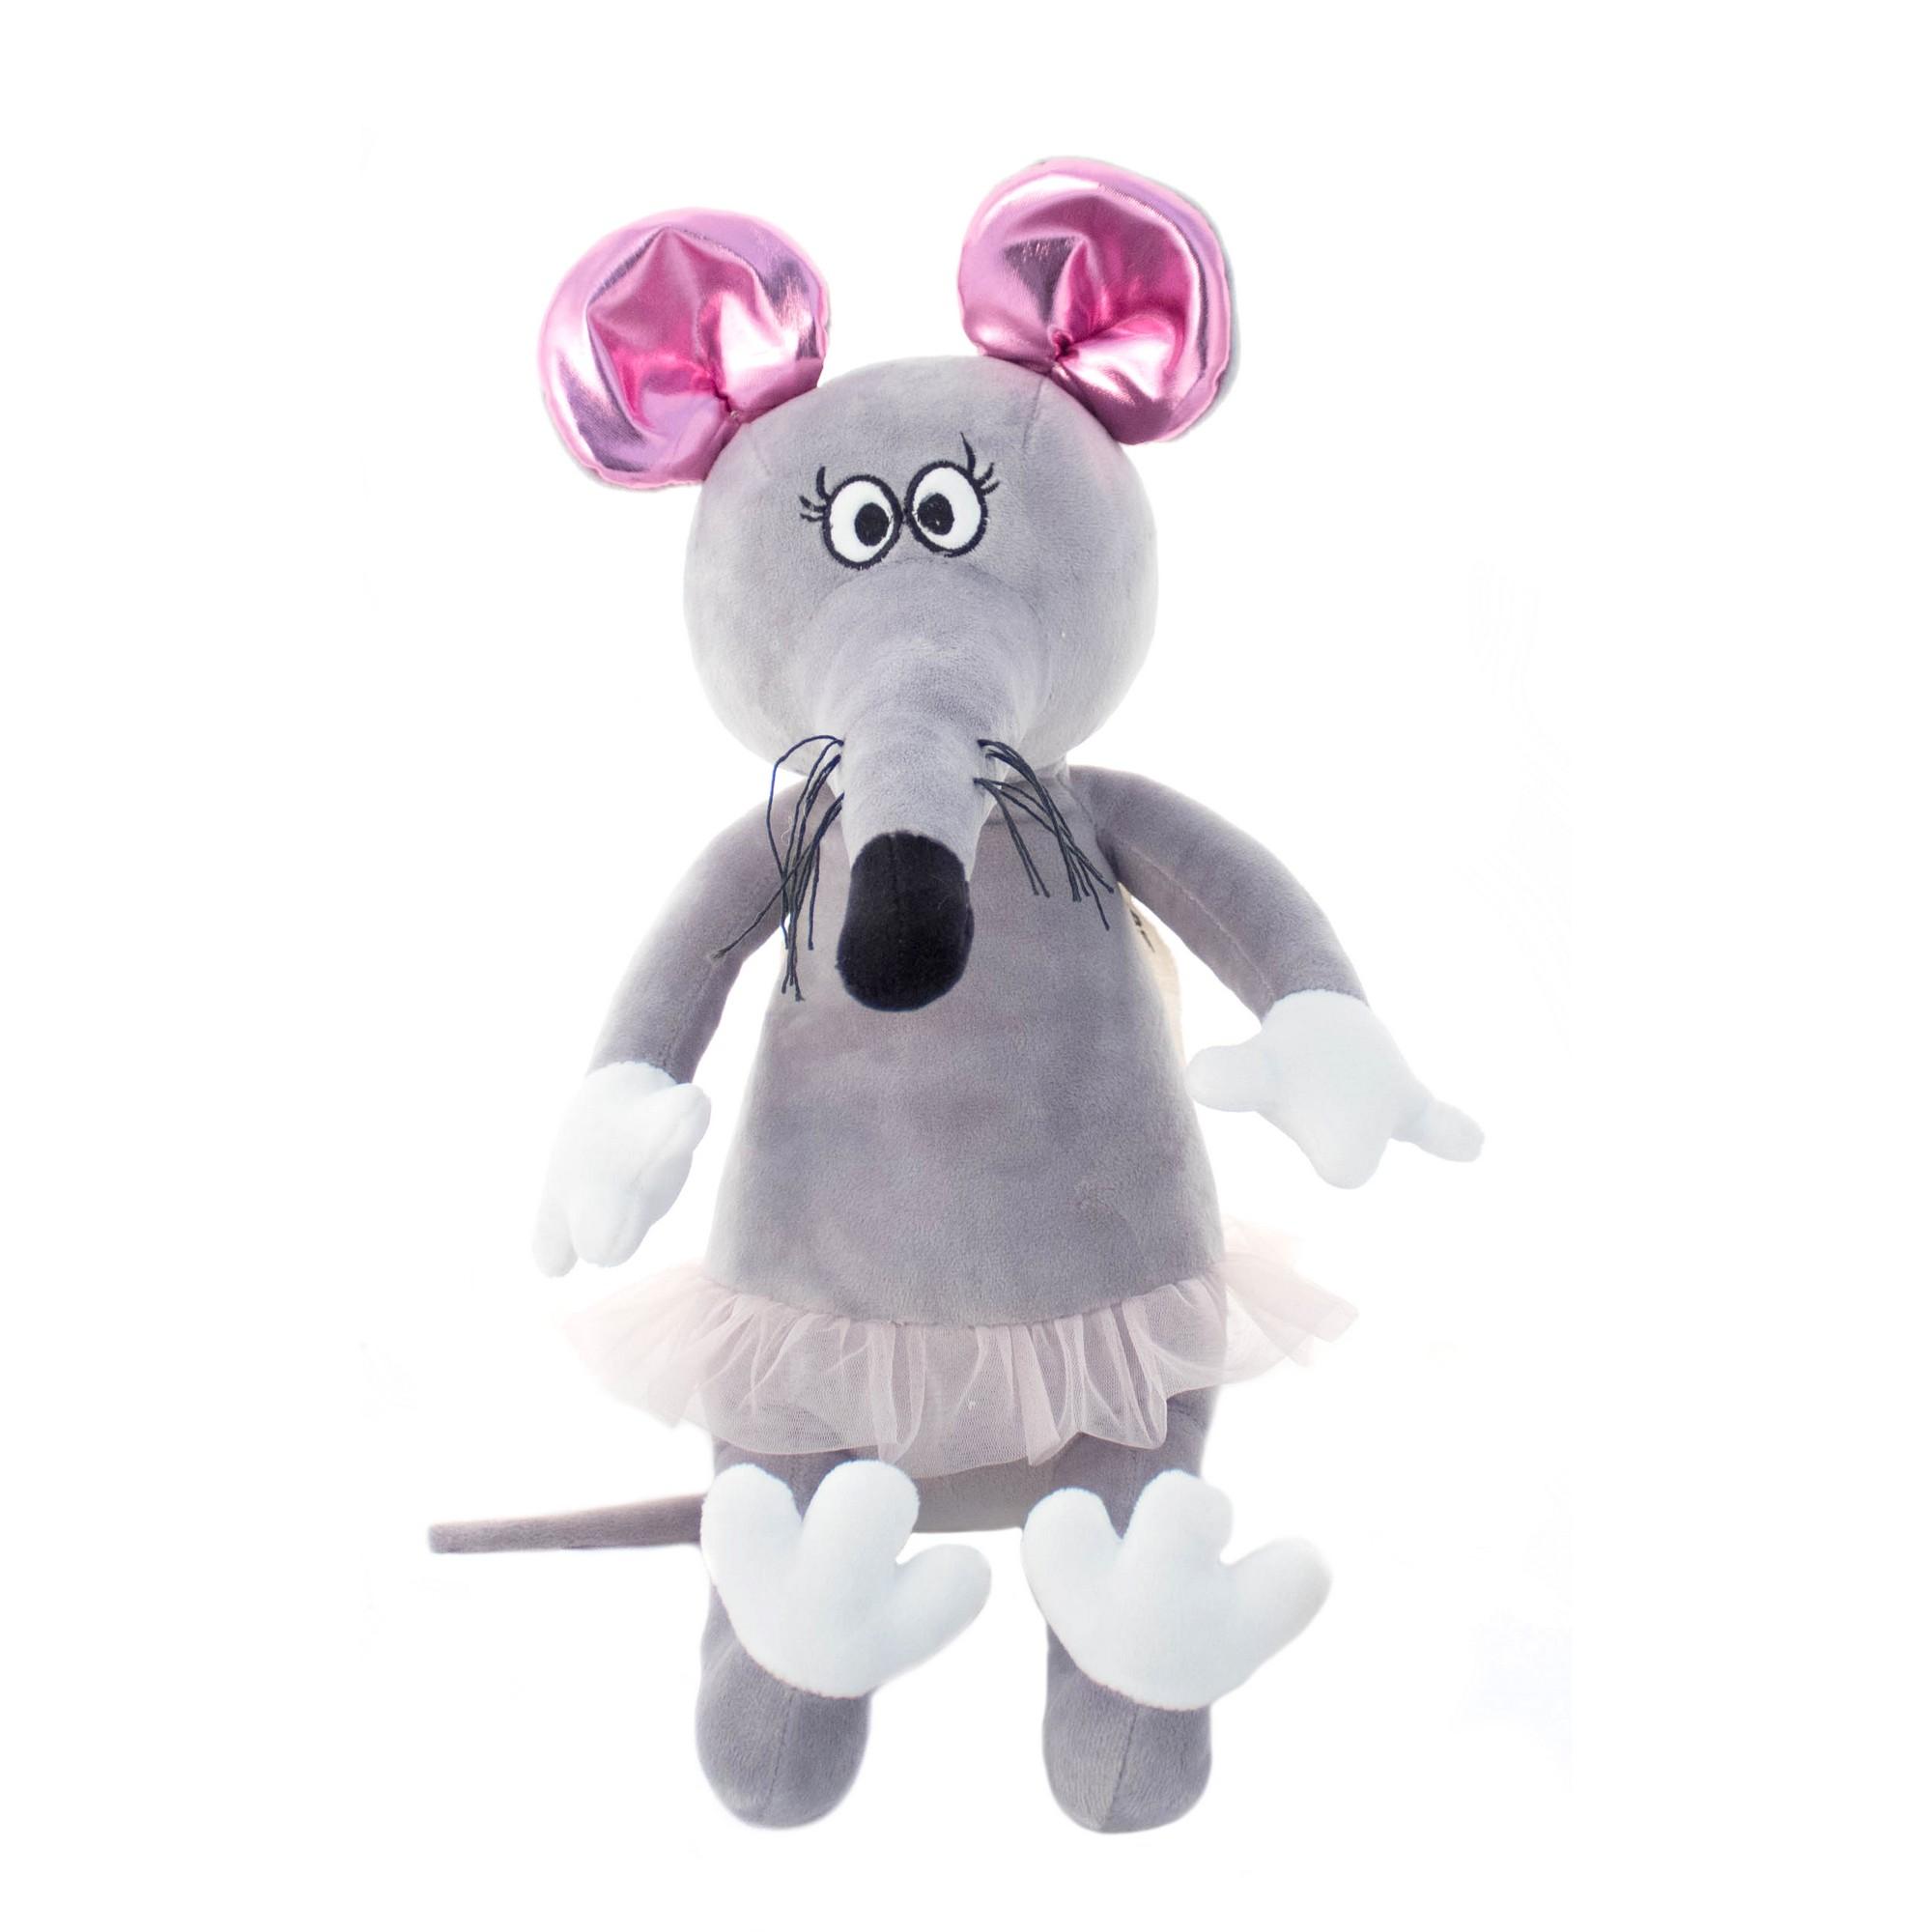 Купить Мягкая игрушка Tallula Крыса Бу, 30 см, Kiddieland,